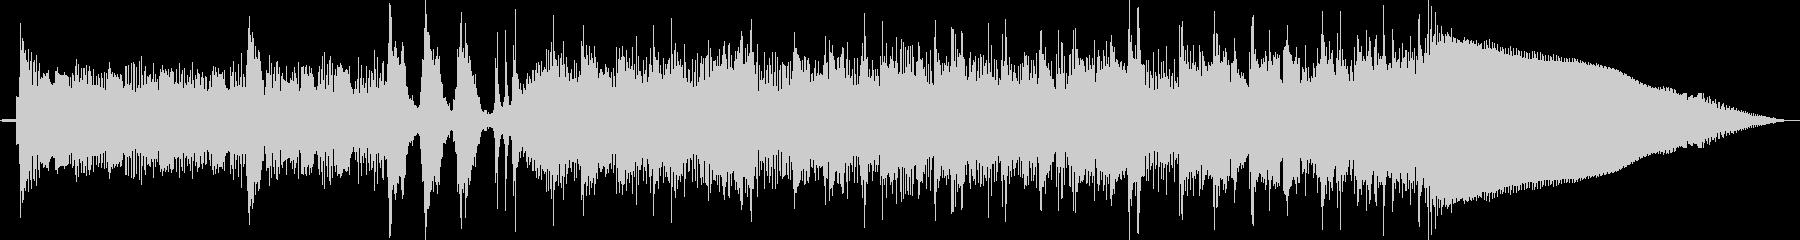 ベースサウンドで変拍子ジングル曲 CMの未再生の波形